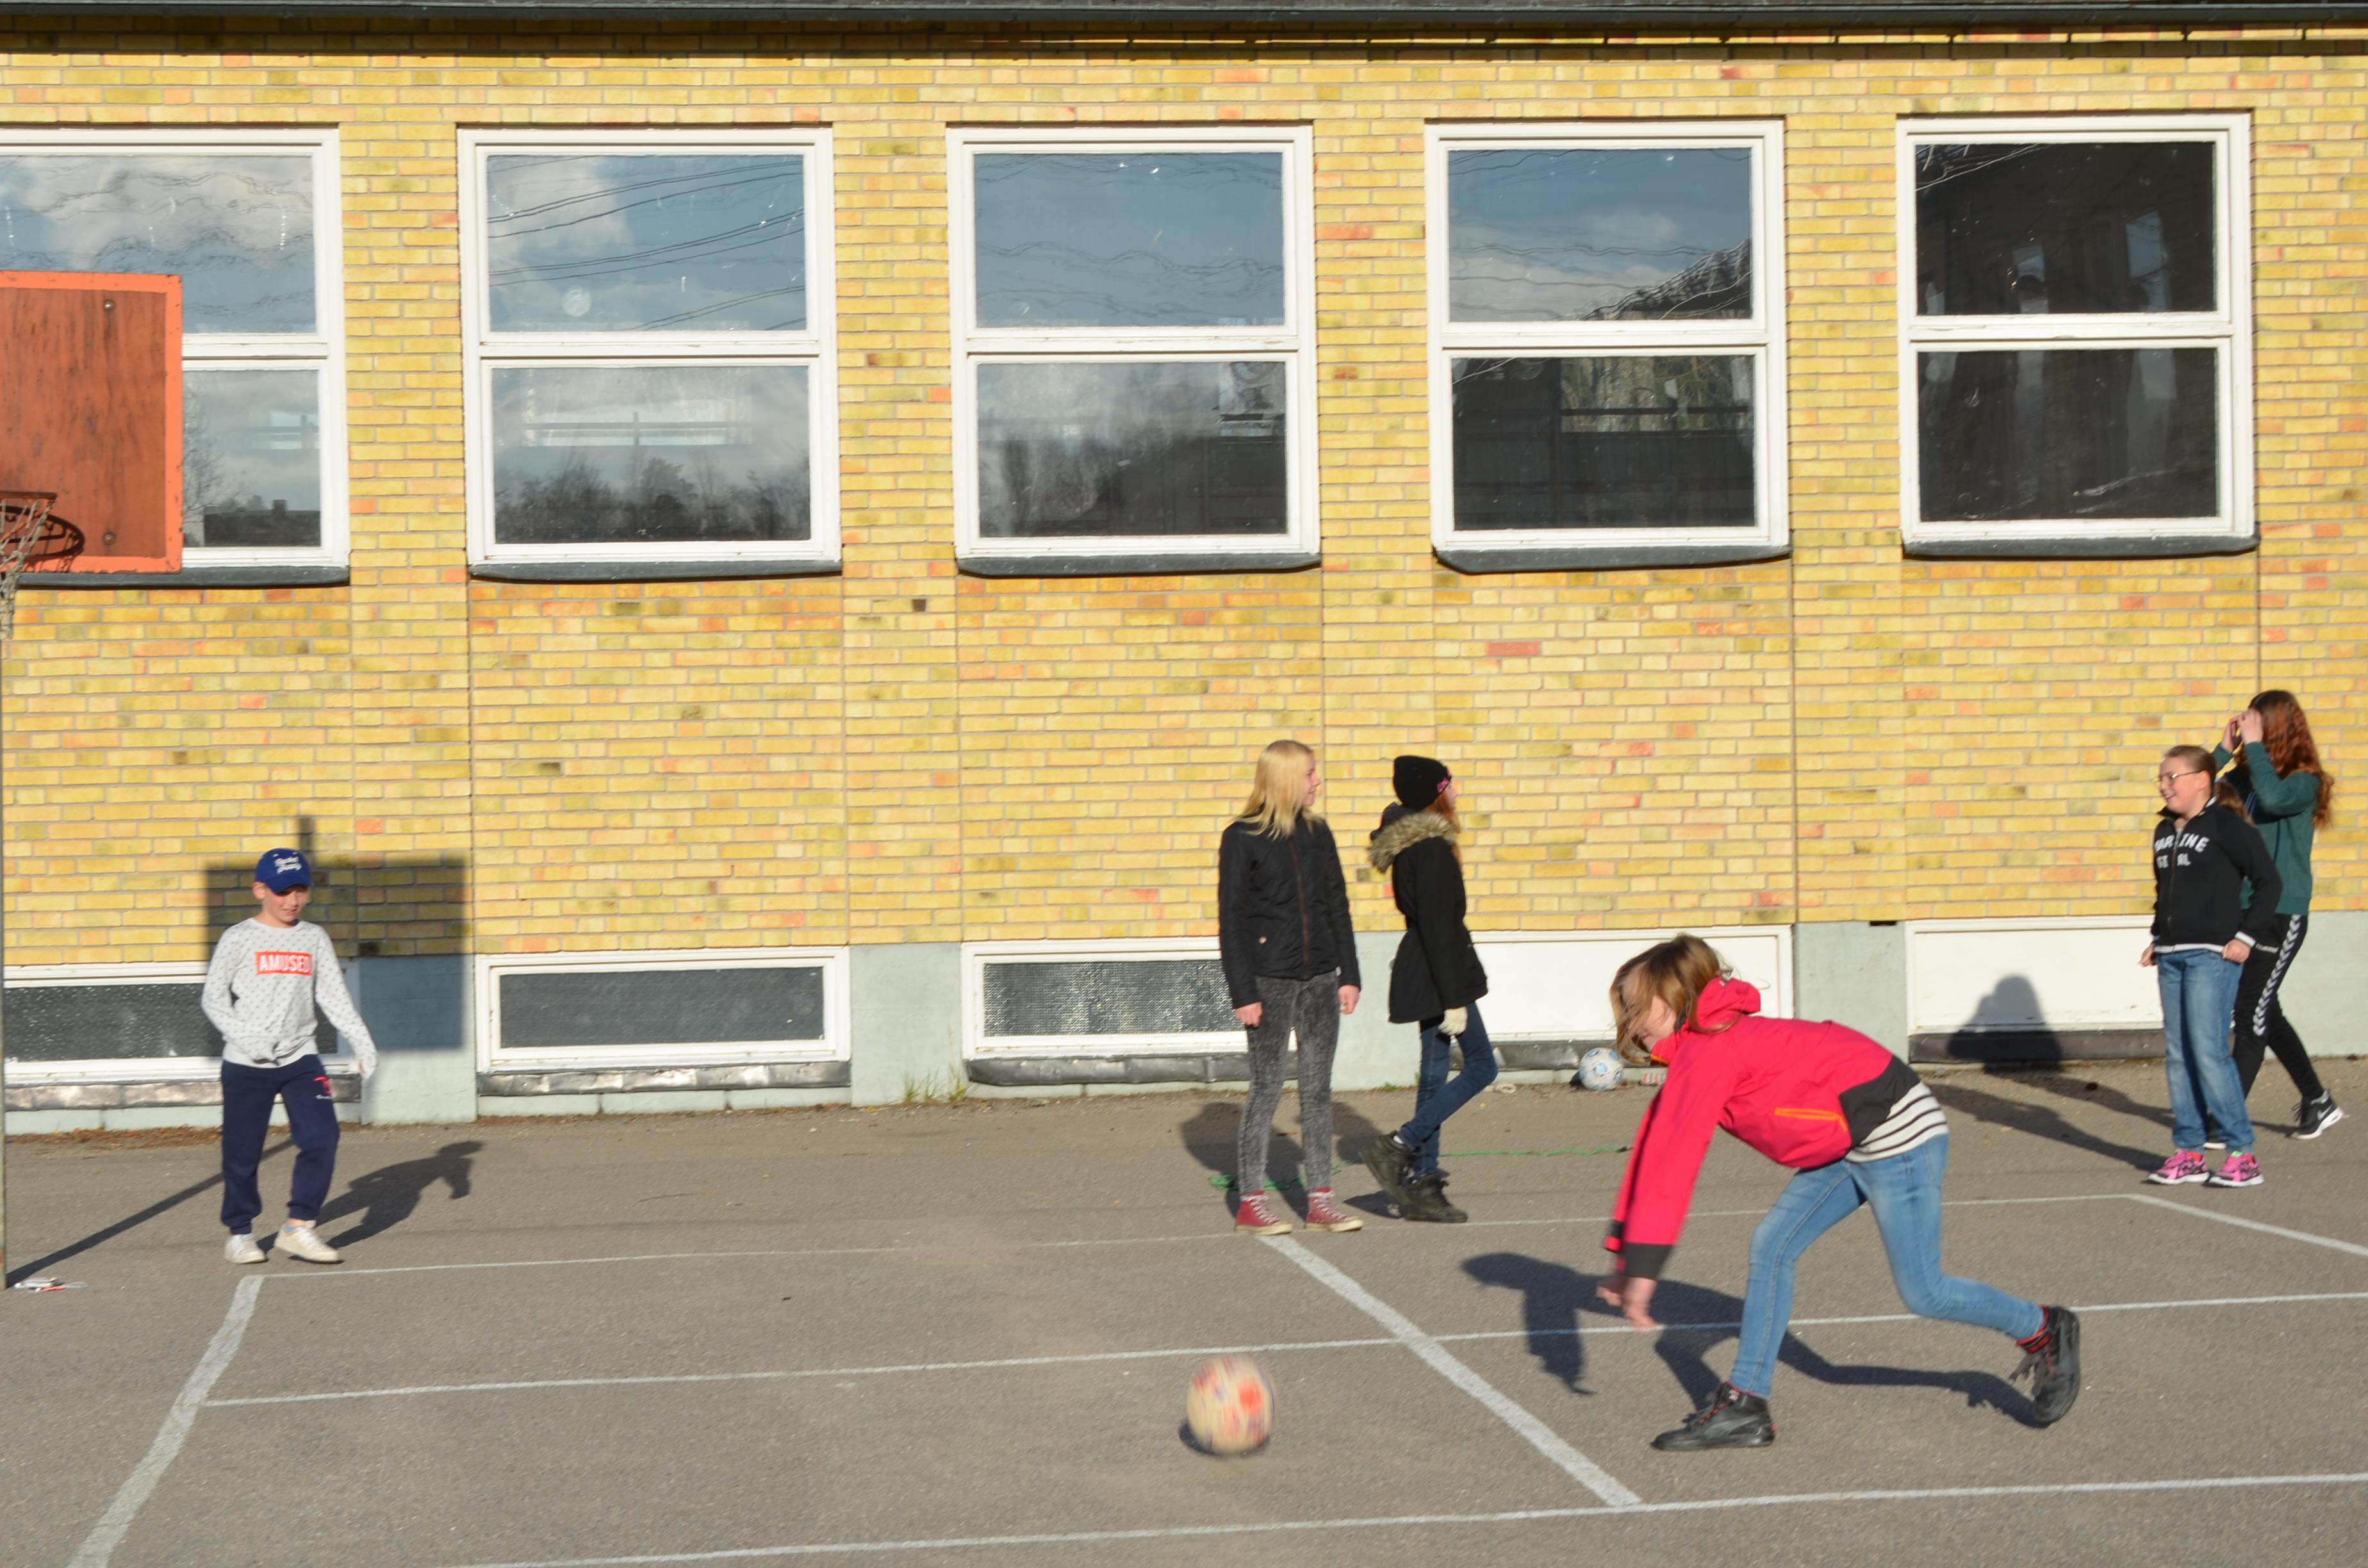 StrÃ¥tjära skola – www.skogssocken.se